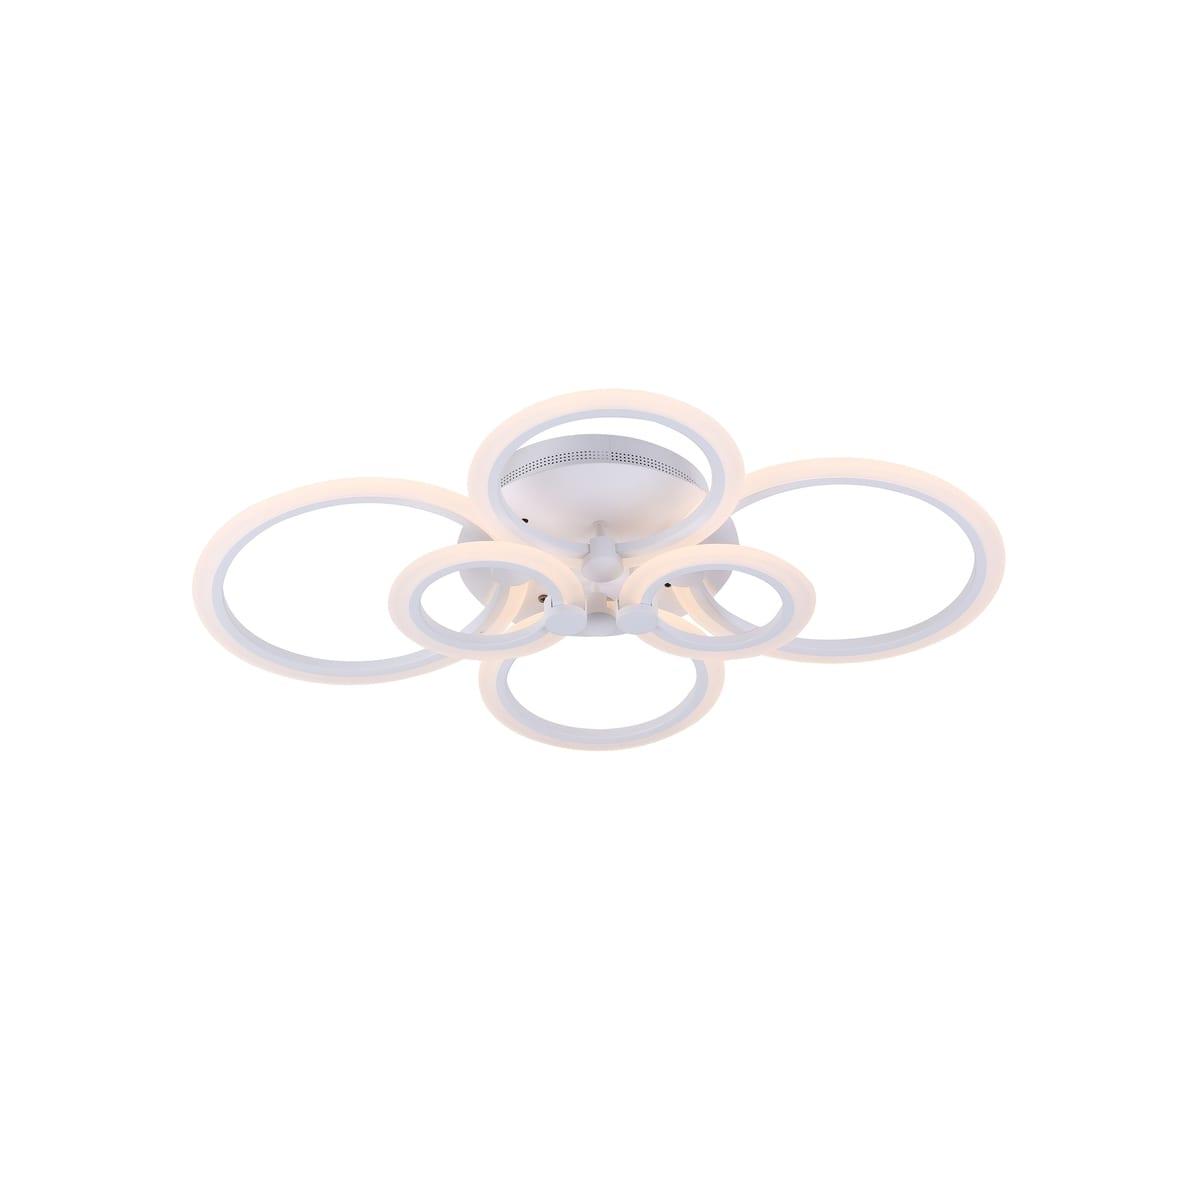 Светильник потолочный светодиодный Rivoli Cerchio Б0038156